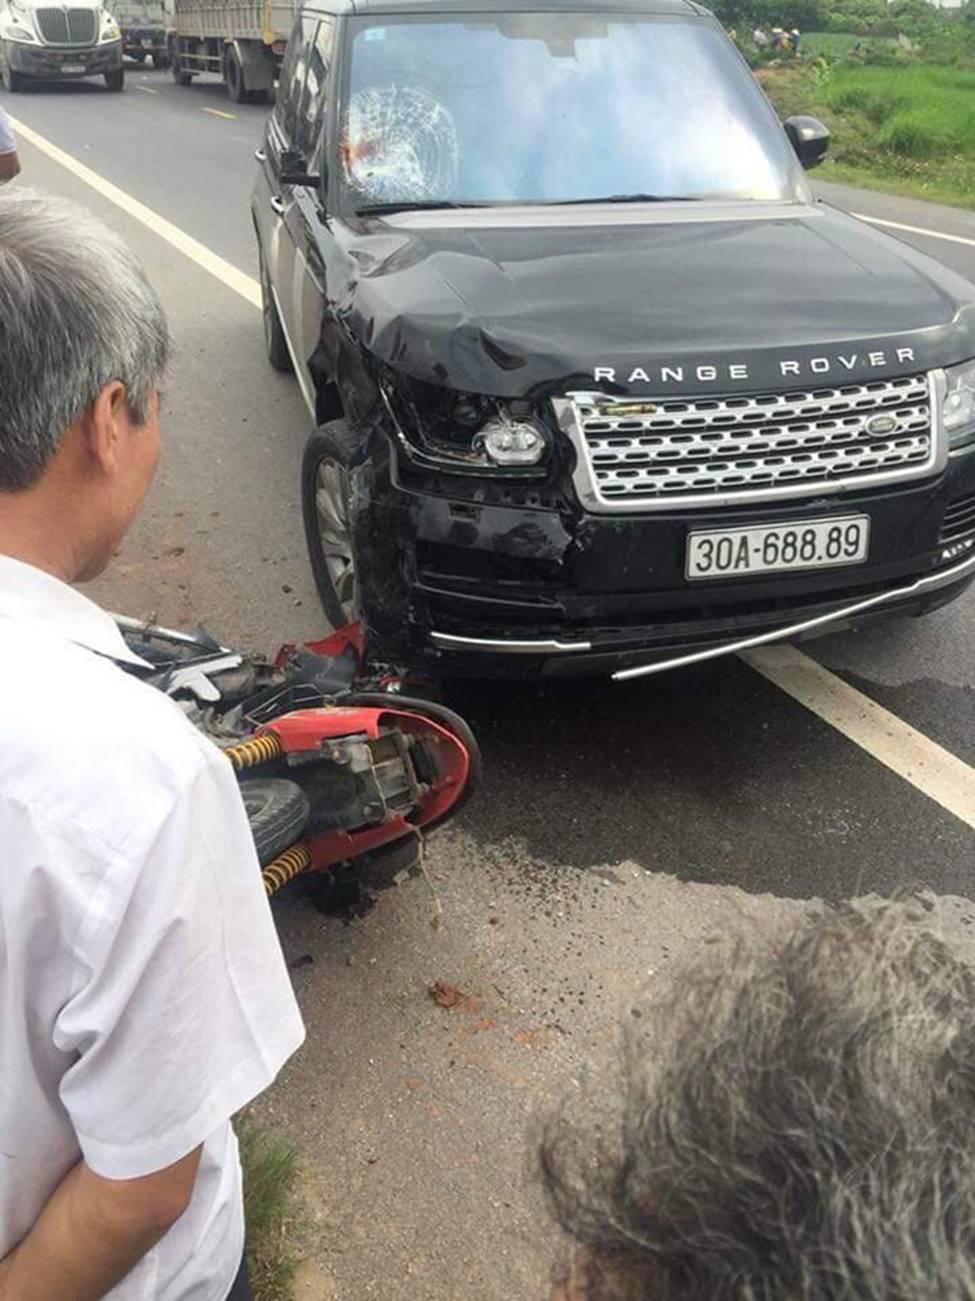 Hưng Yên: Chồng tử vong, vợ nguy kịch sau khi va chạm với xe Range Rover-2